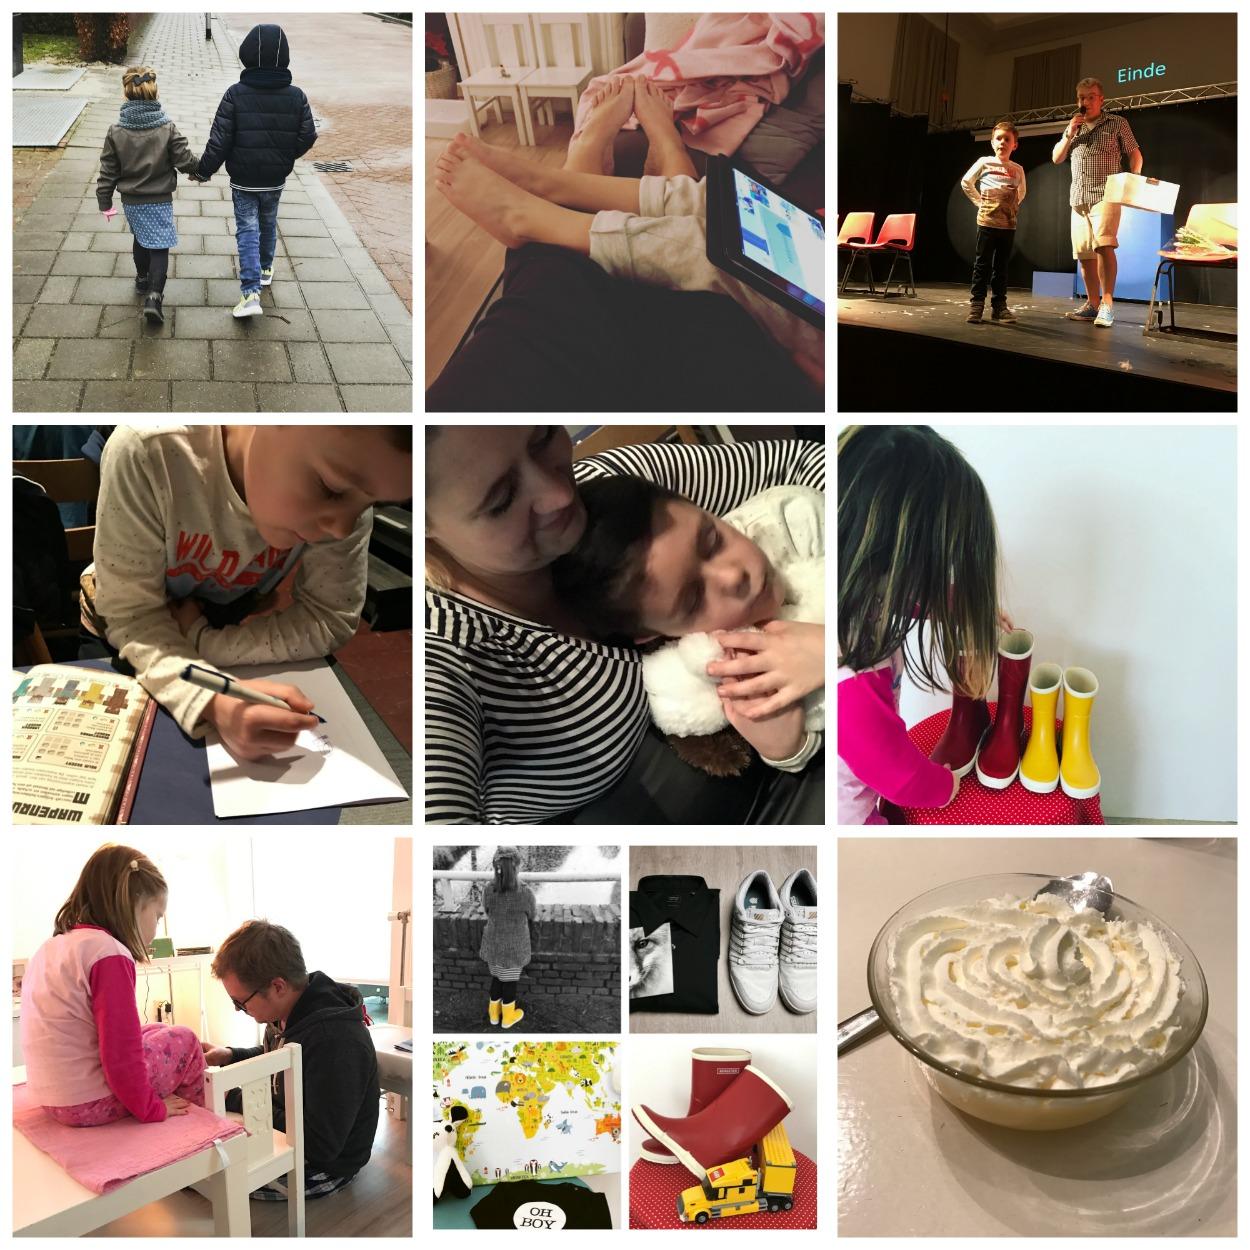 Strikjes #69 Blije prijswinnaar, persoonlijk ontwikkeling en voorstelling opa en oma